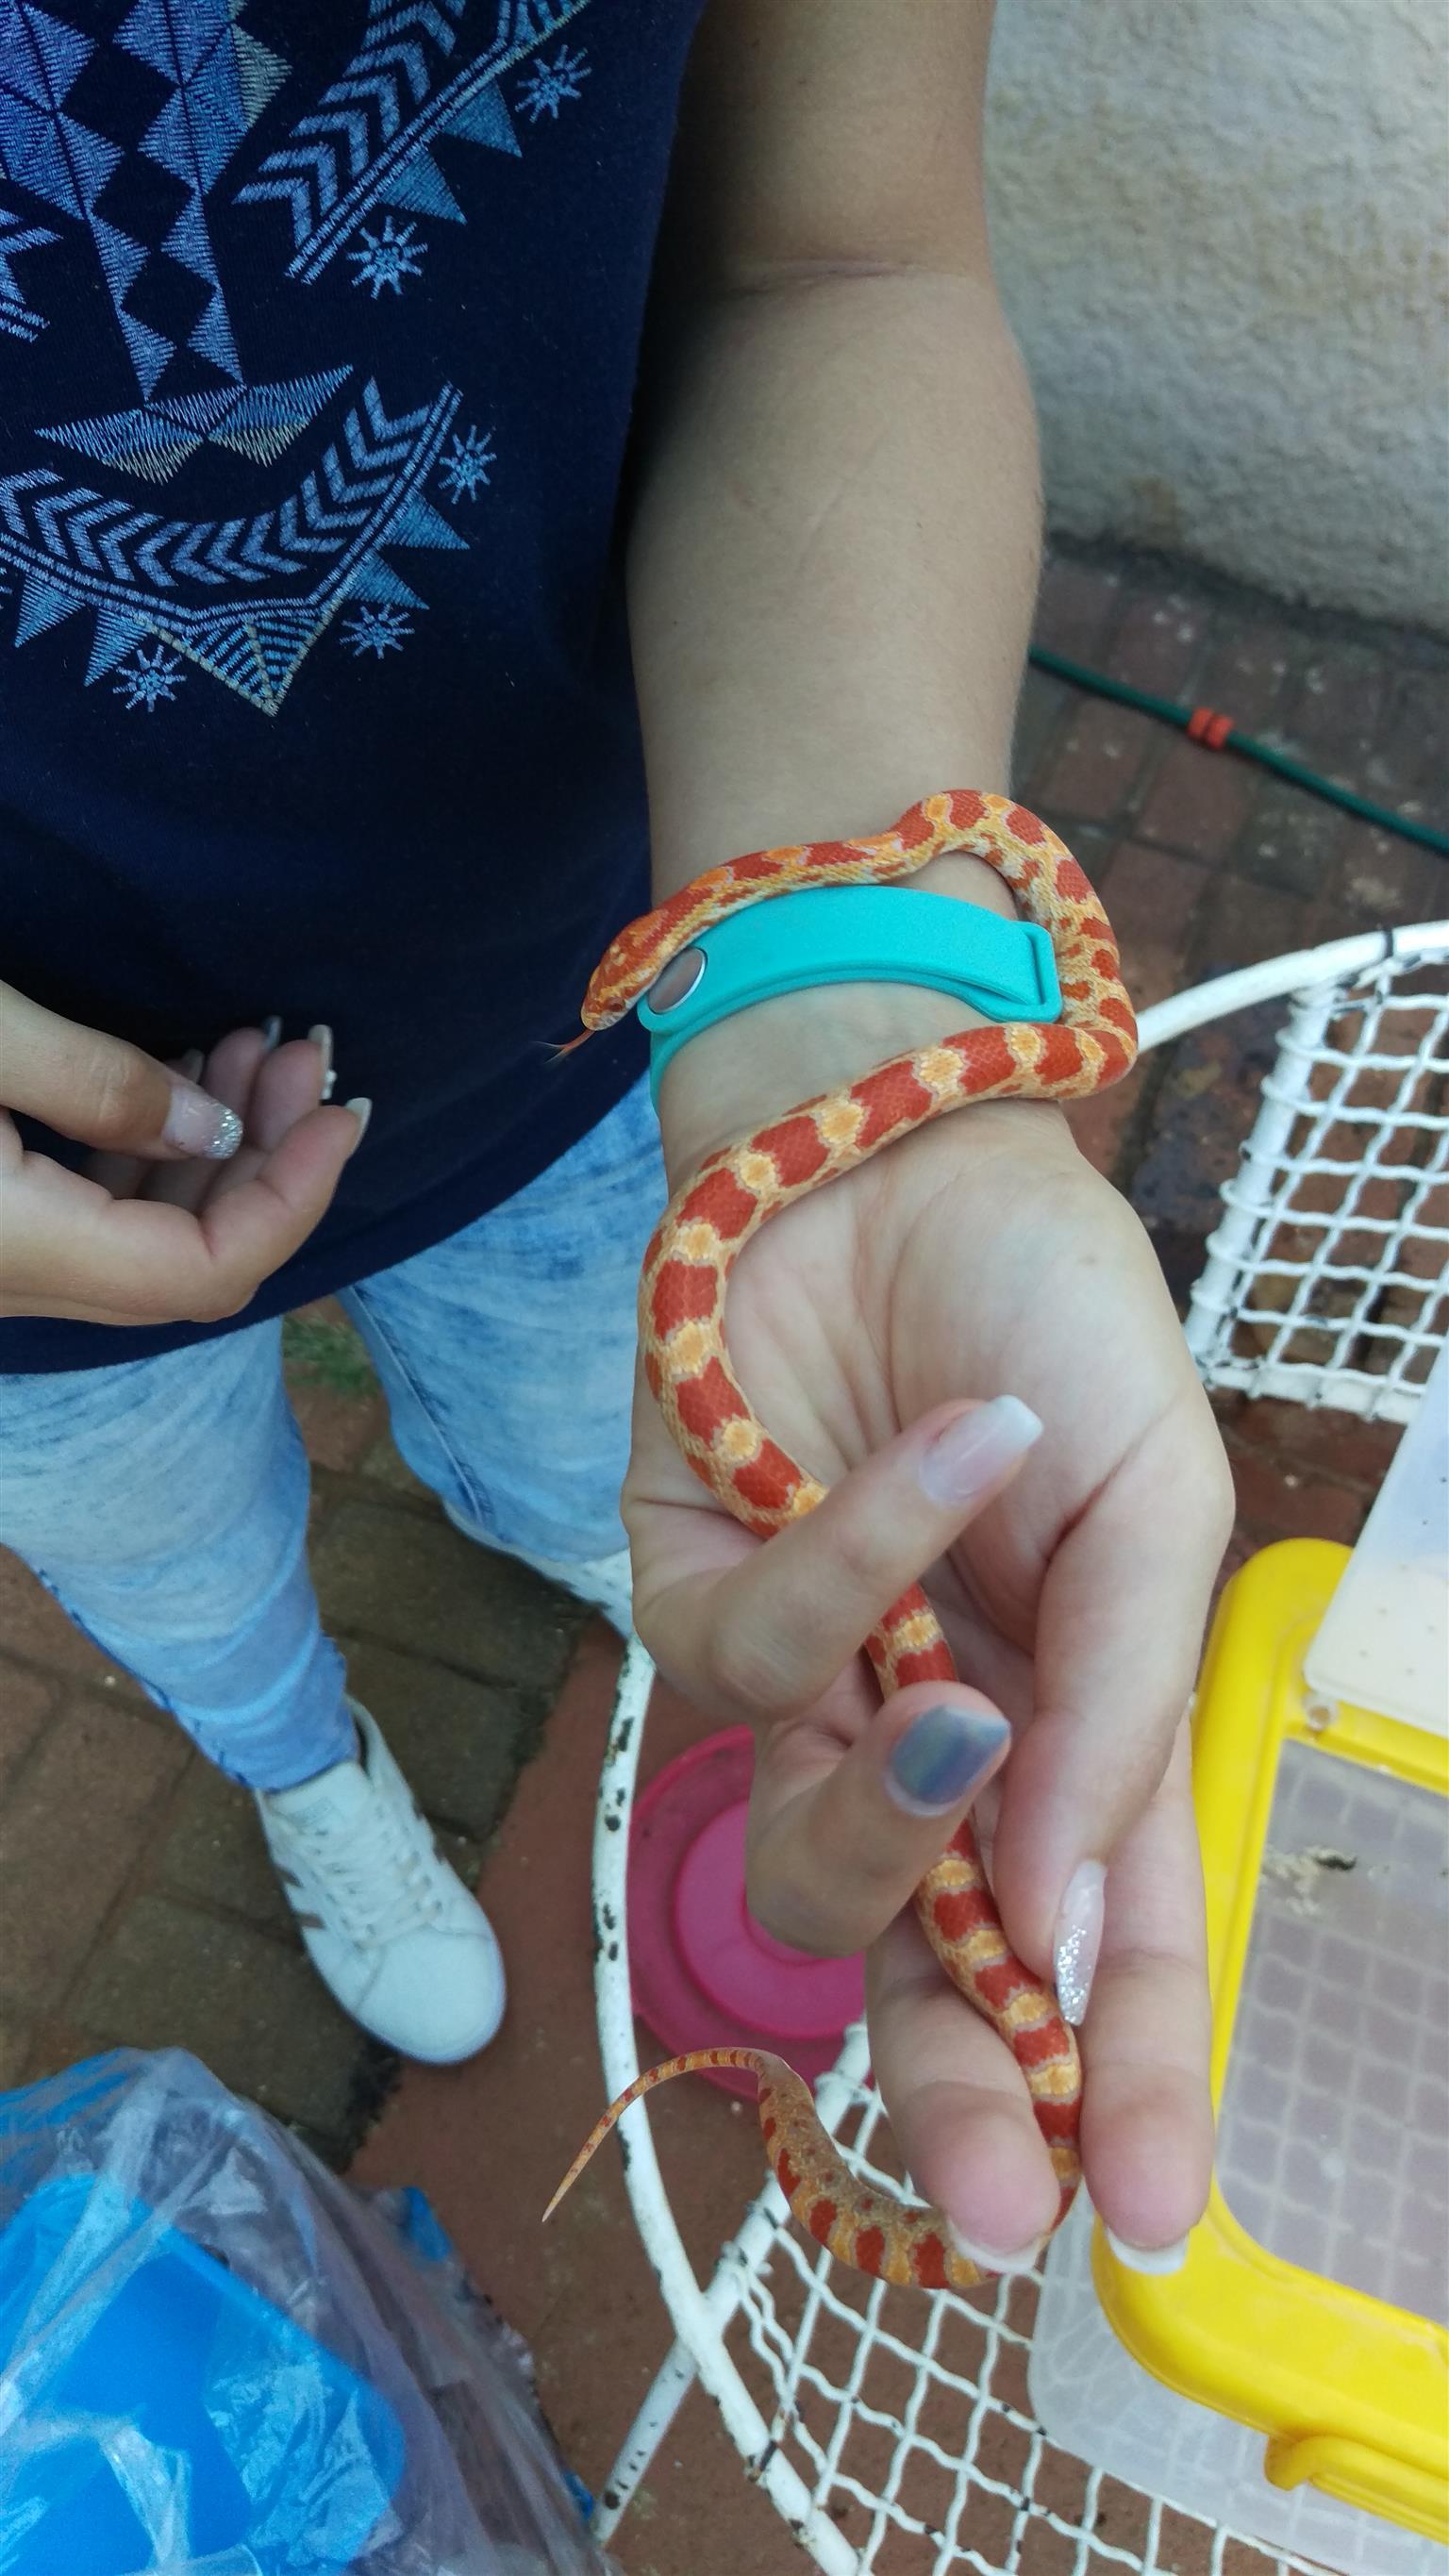 1x Albino Corn snake with Reptile tank 600 (L) x 450 (W) x 550 (H)